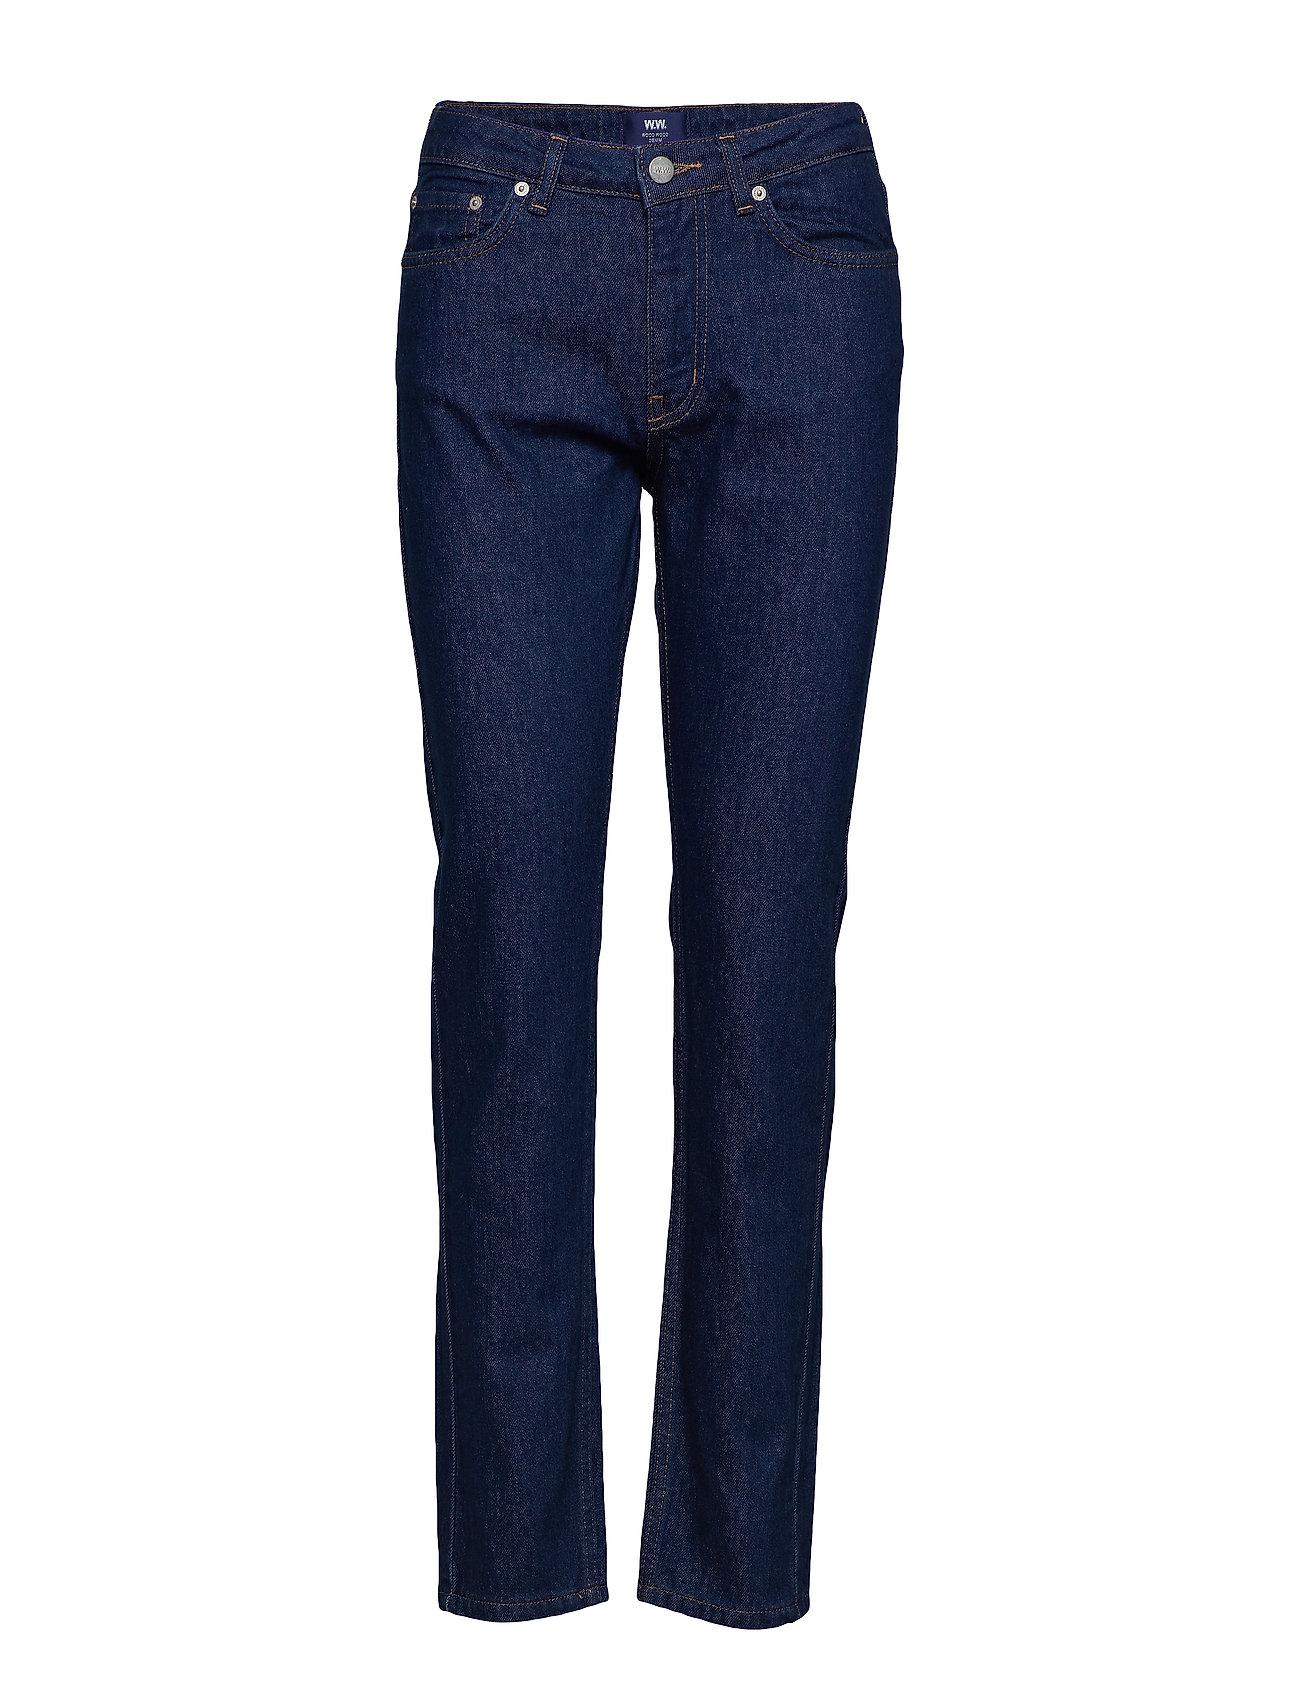 Wood Wood Lea jeans - HEAVY RINSE